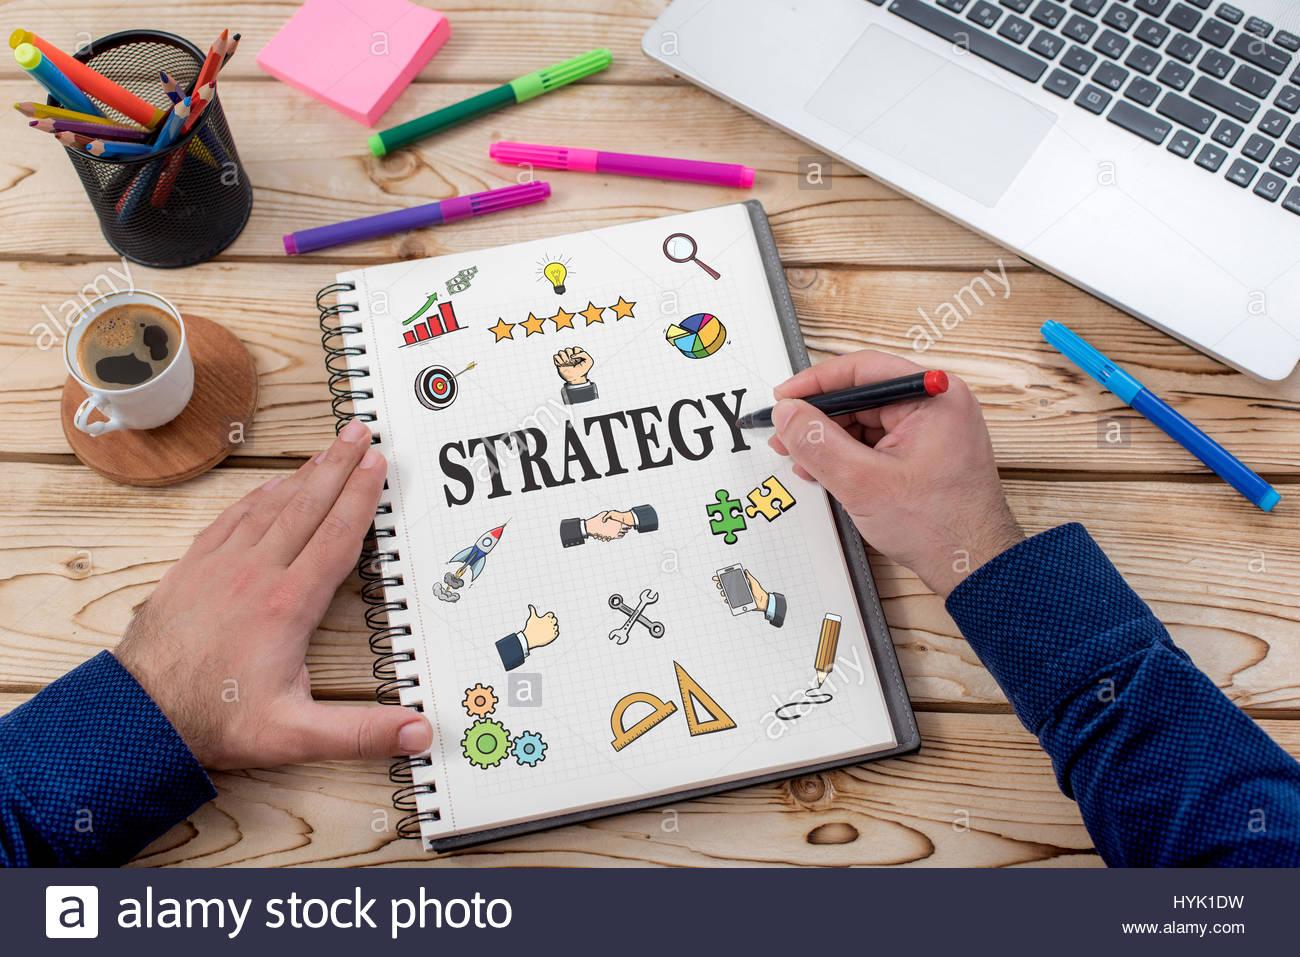 Strategiekonzept mit verschiedenen Hand gezeichnet Doodle Symbole auf Papier im Büro Stockbild